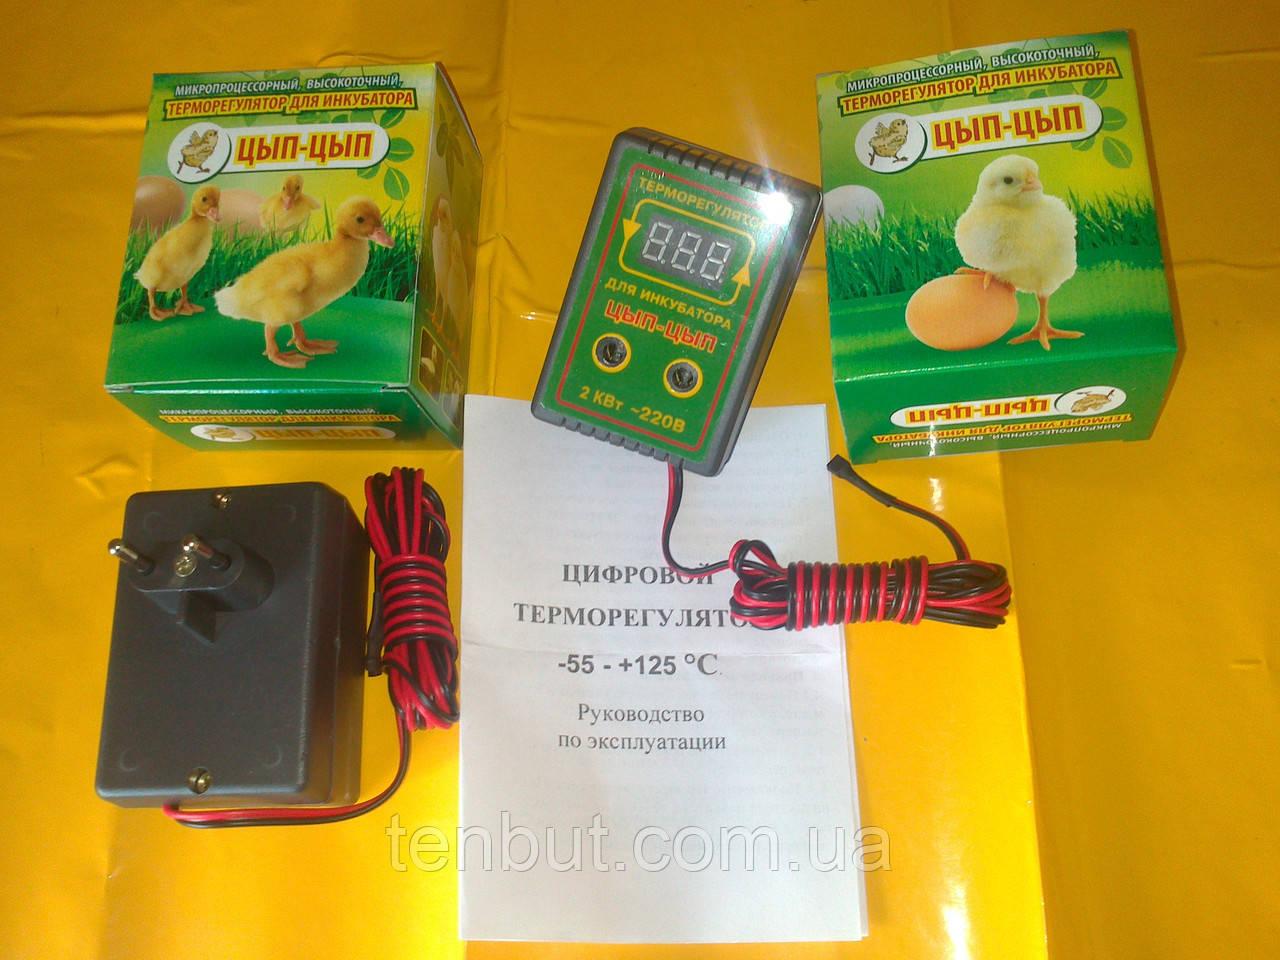 Цифровой терморегулятор с звуковым сигналом для инкубаторов Цып-Цып 10 Ампер 220 Вольт